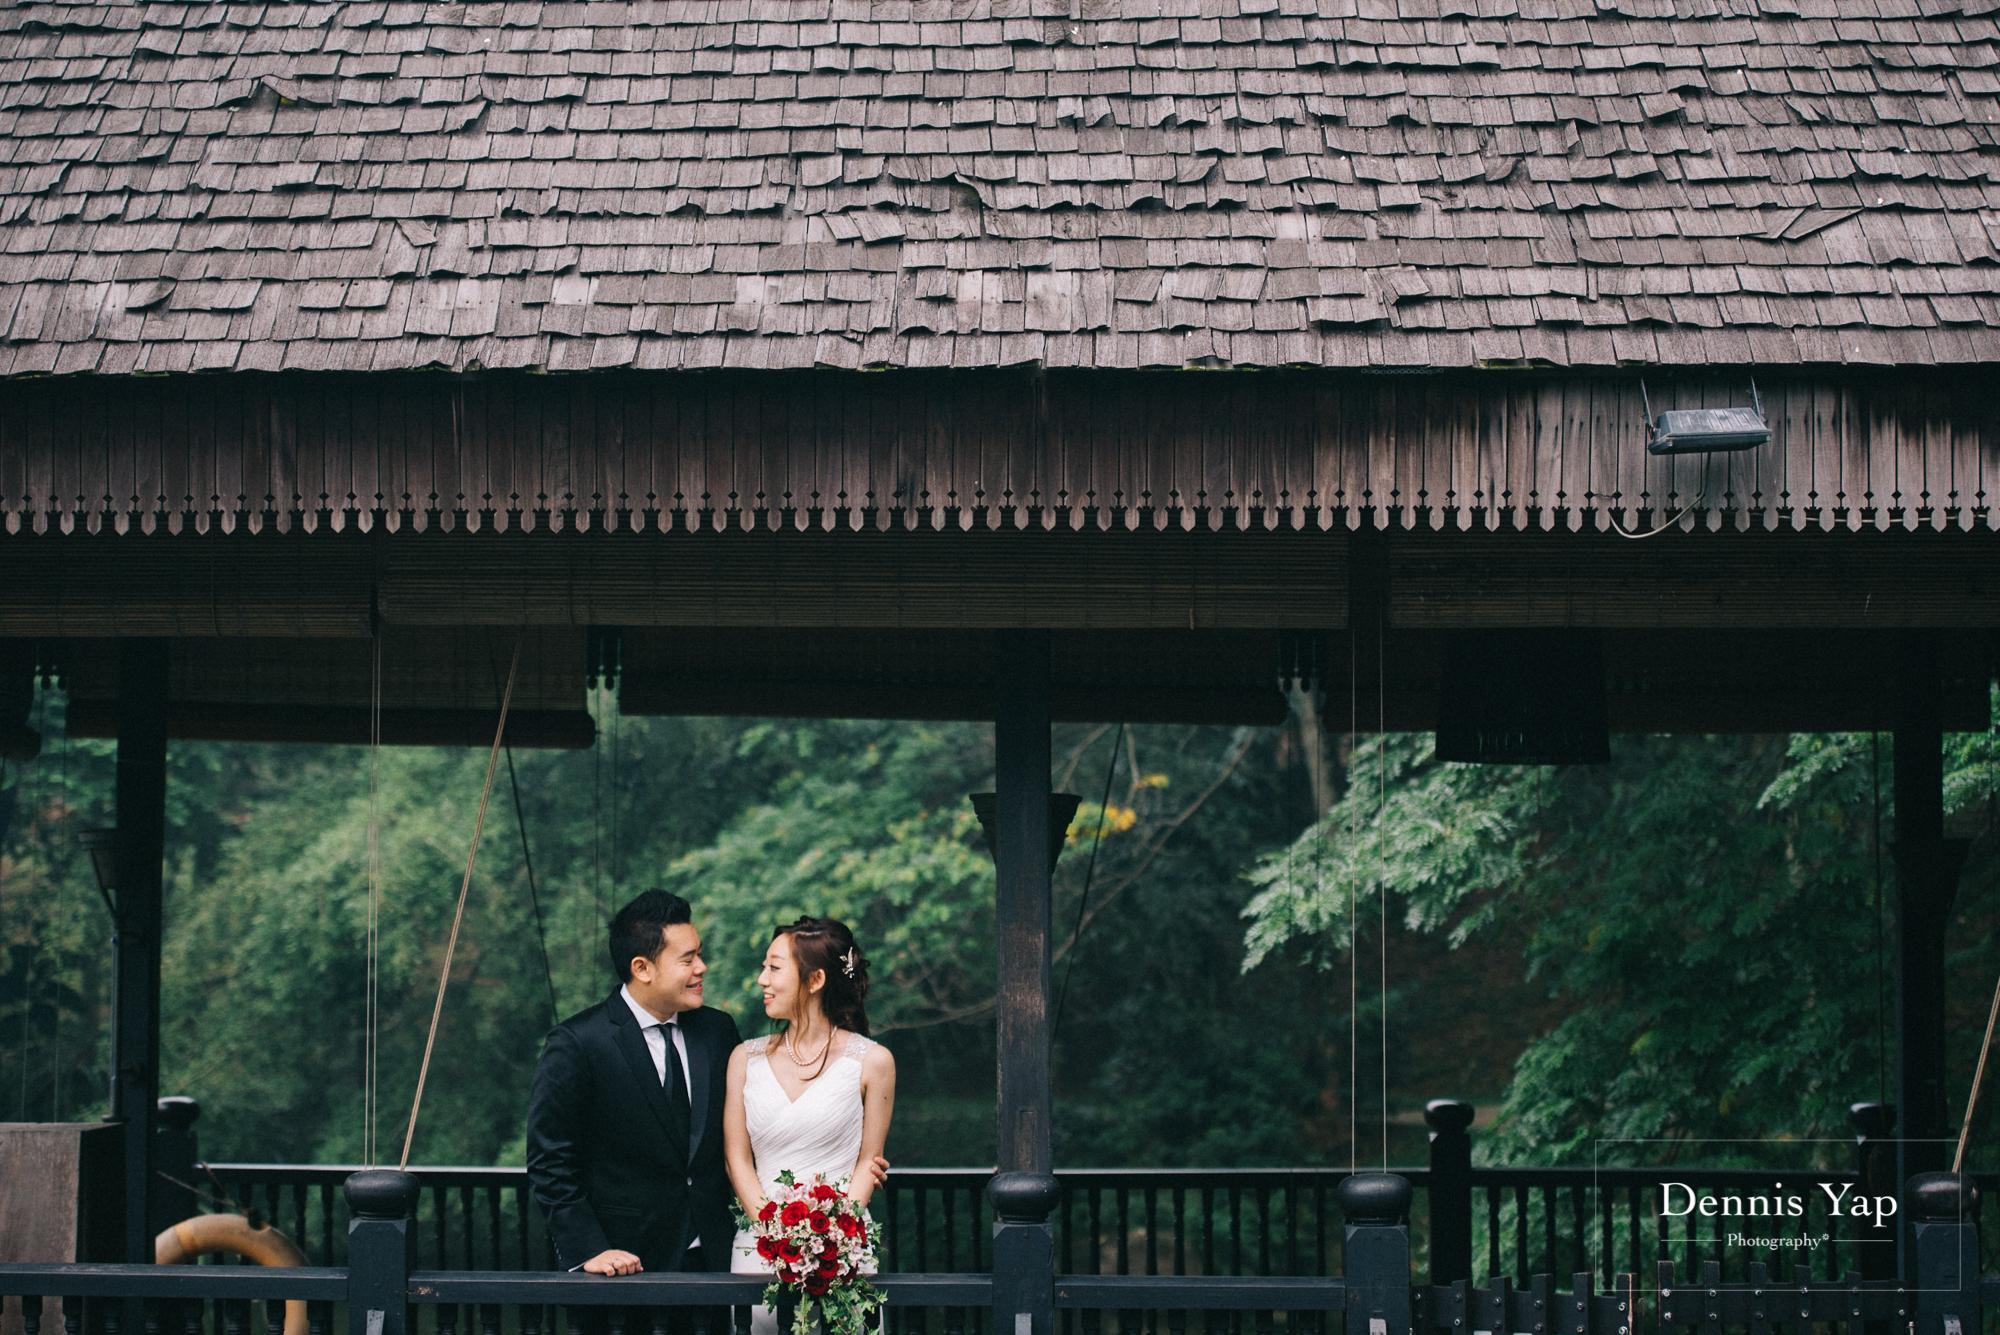 jason su lin rom registration gita bayu serdang wedding reception ceremony dennis yap photography fog malaysia-10.jpg